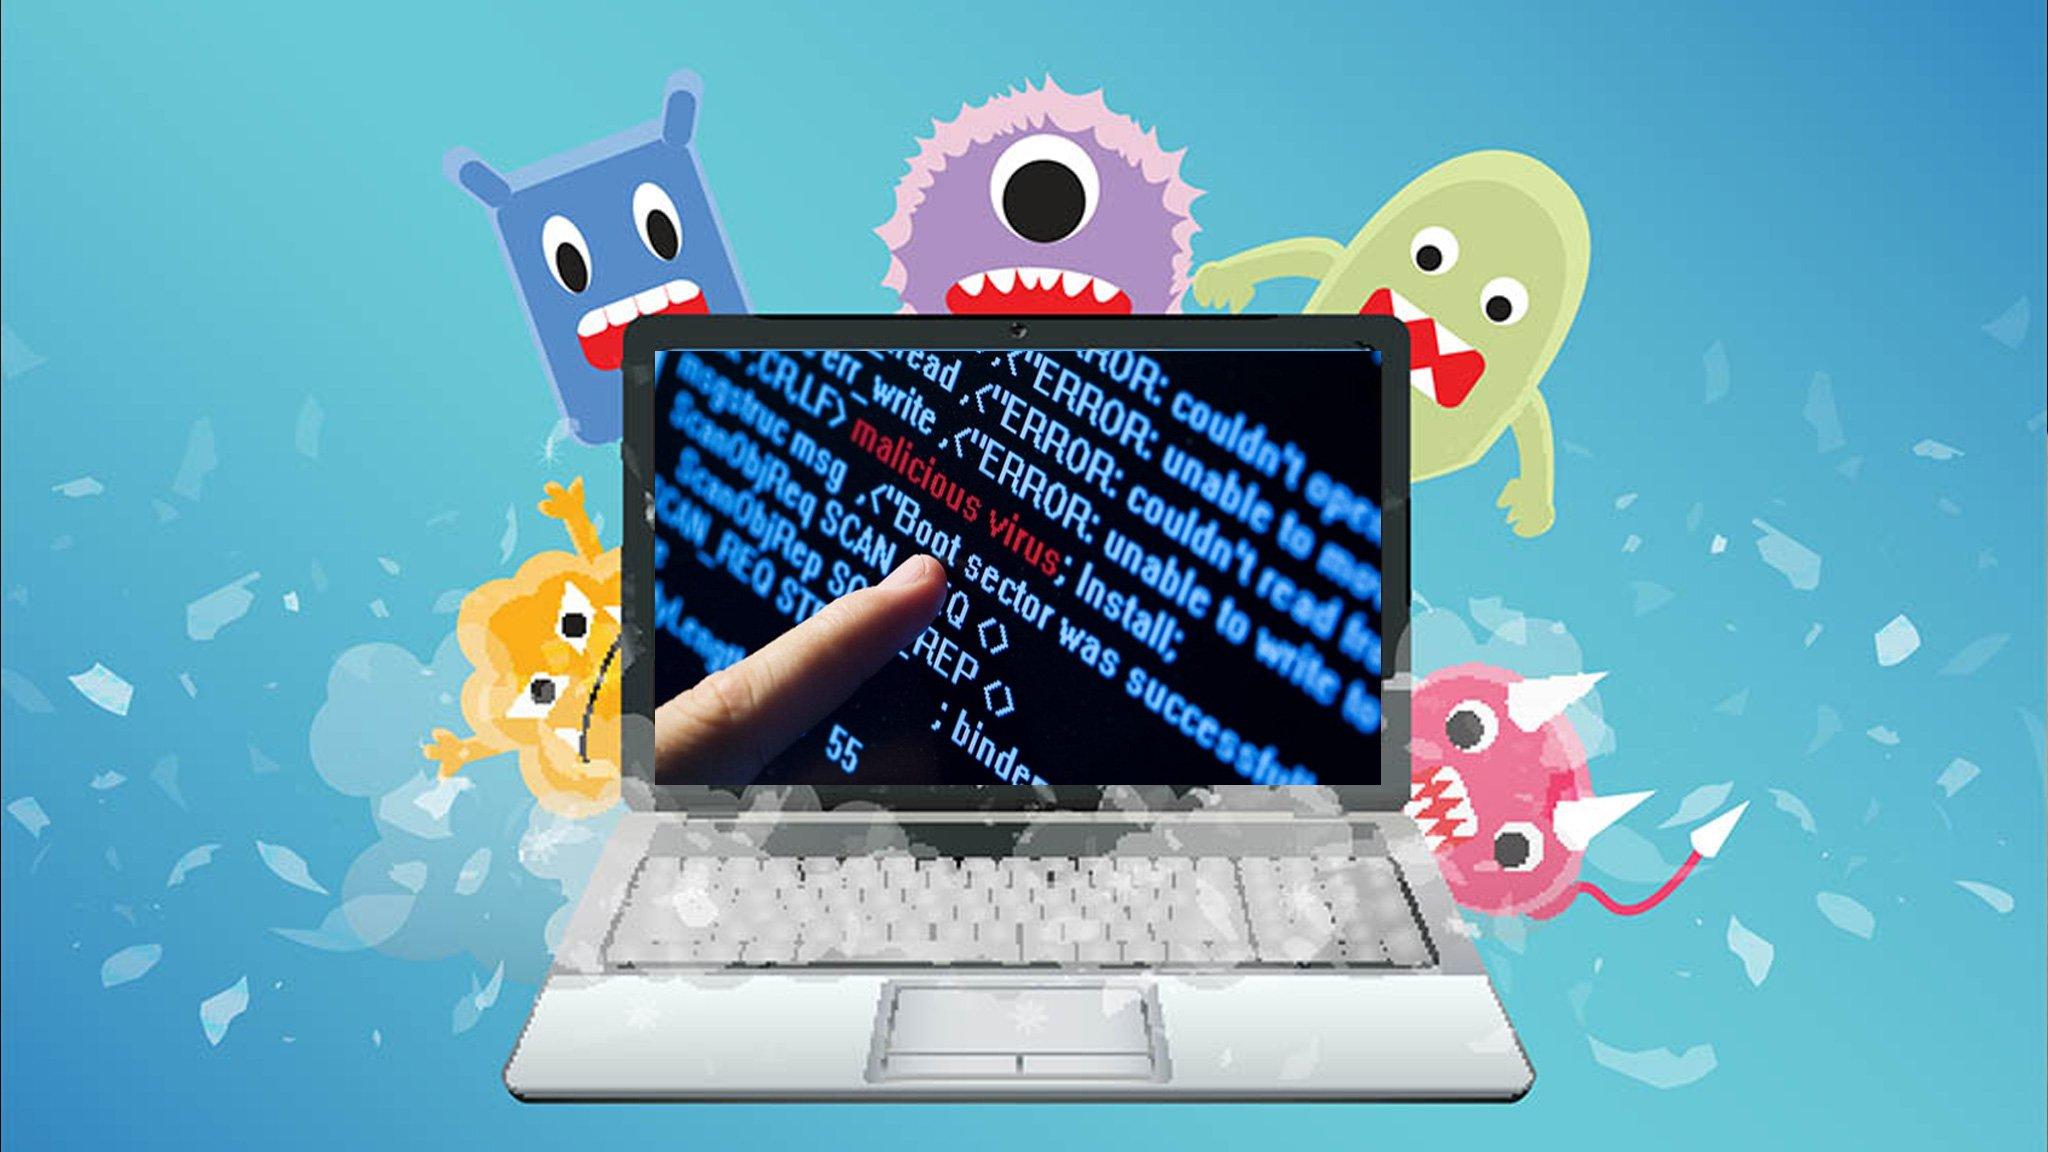 Nhiễm virus là một trong những nguyên nhân chính khiến máy bị treo